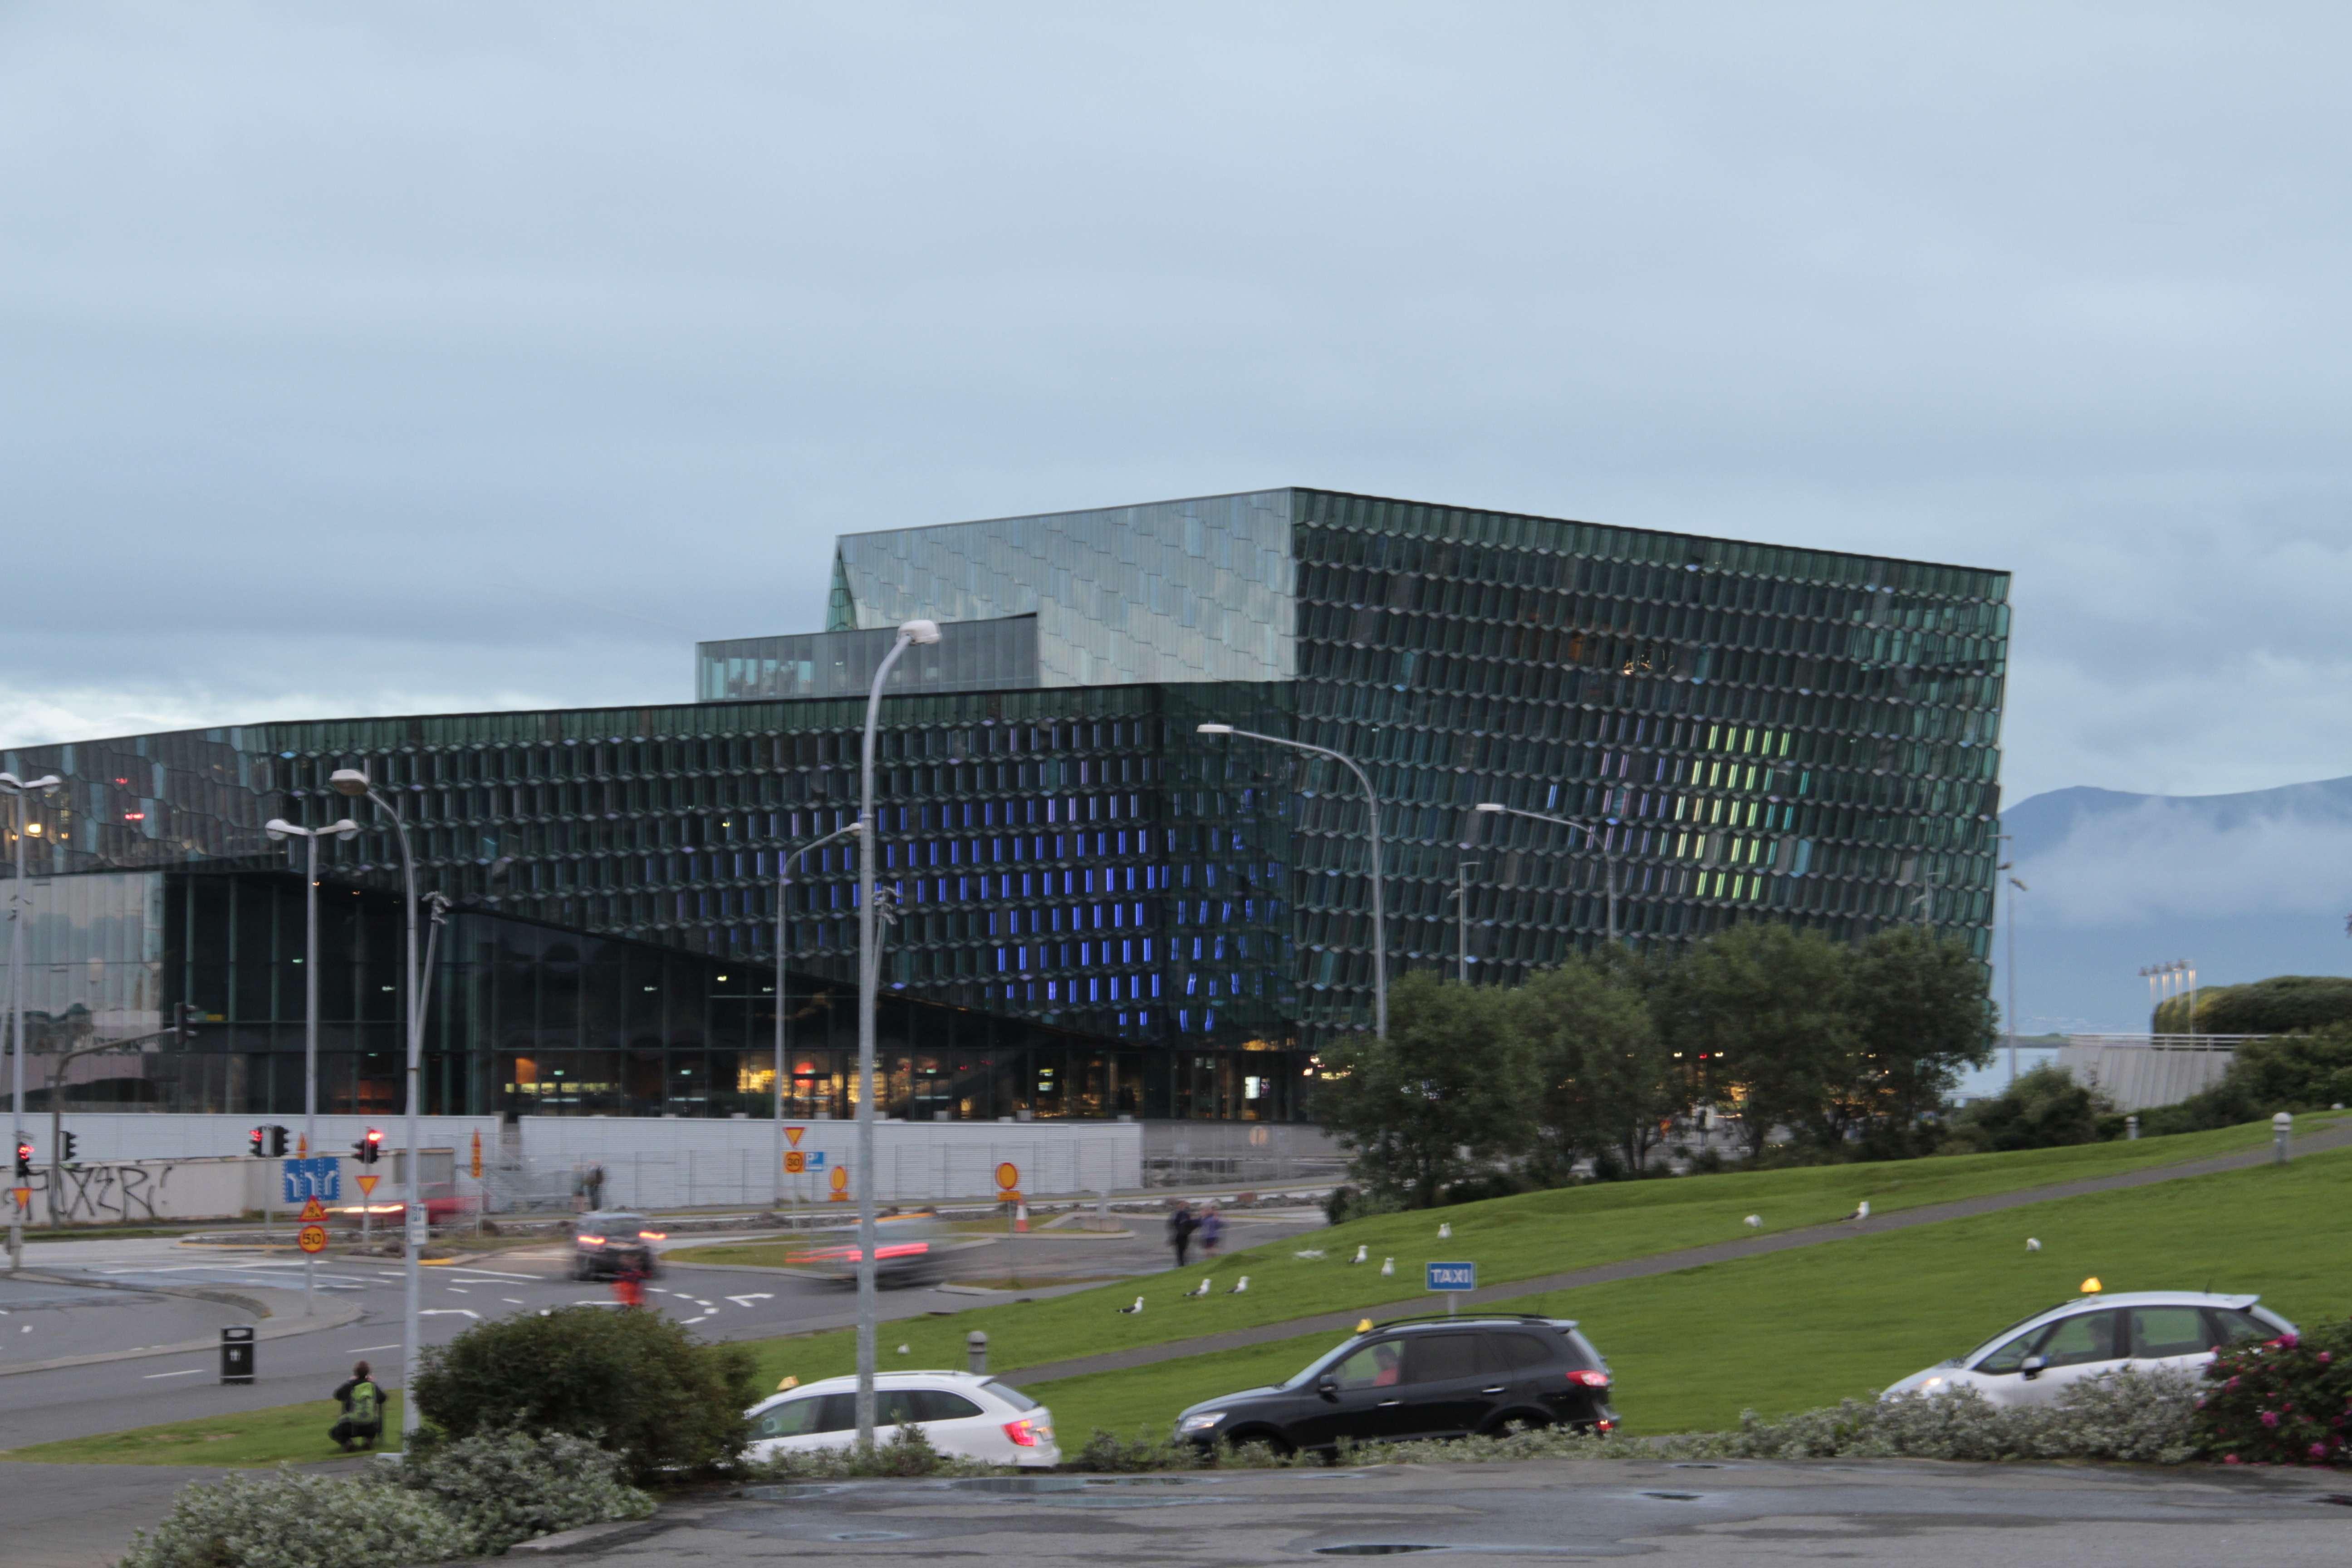 Islande_0646 Reykjavik Harpa 19 juillet